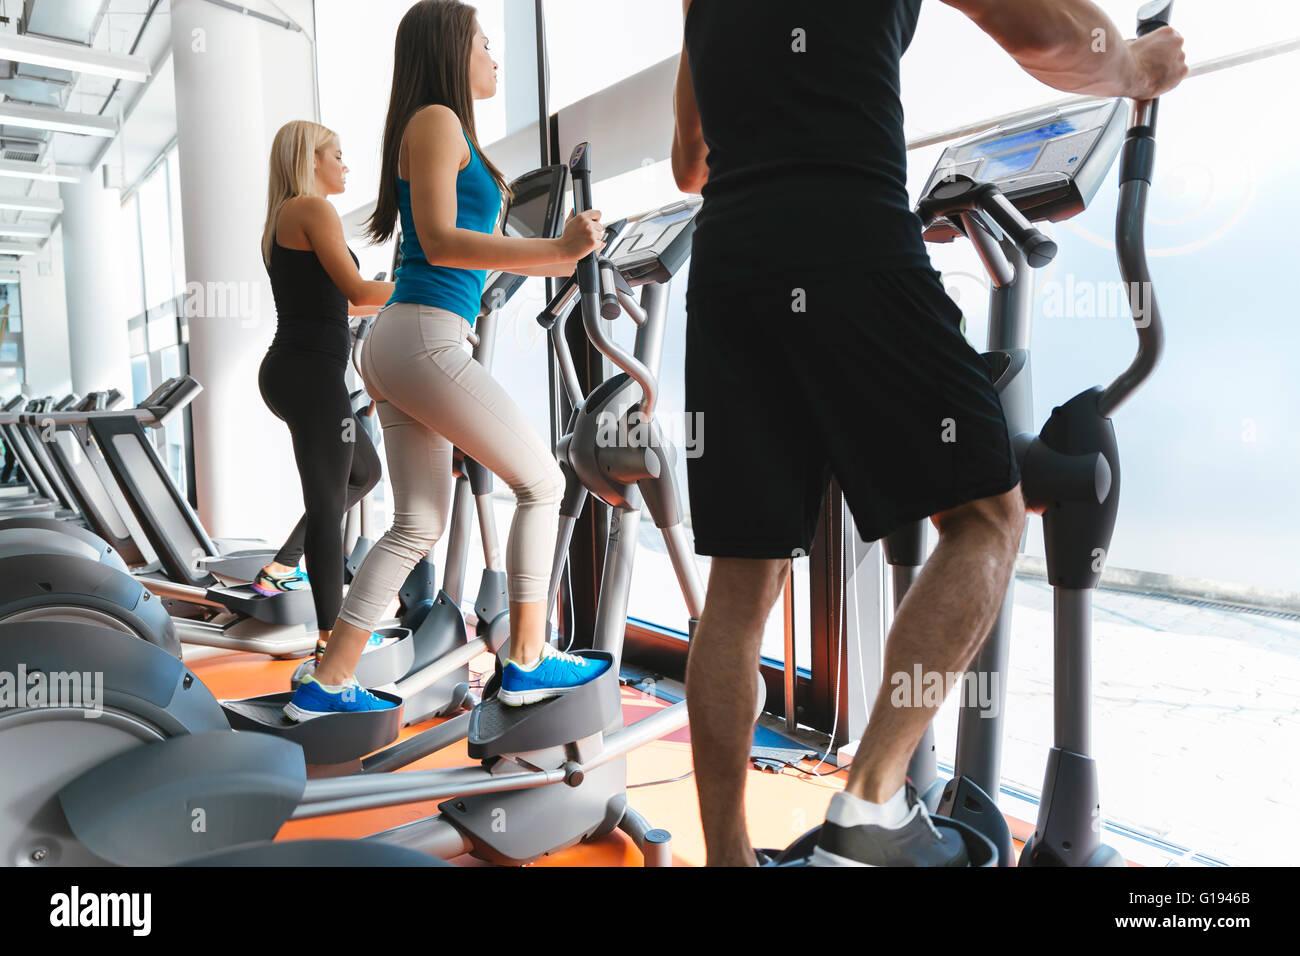 Persone che esercitano in palestra per mantenere il corpo in forma Immagini Stock